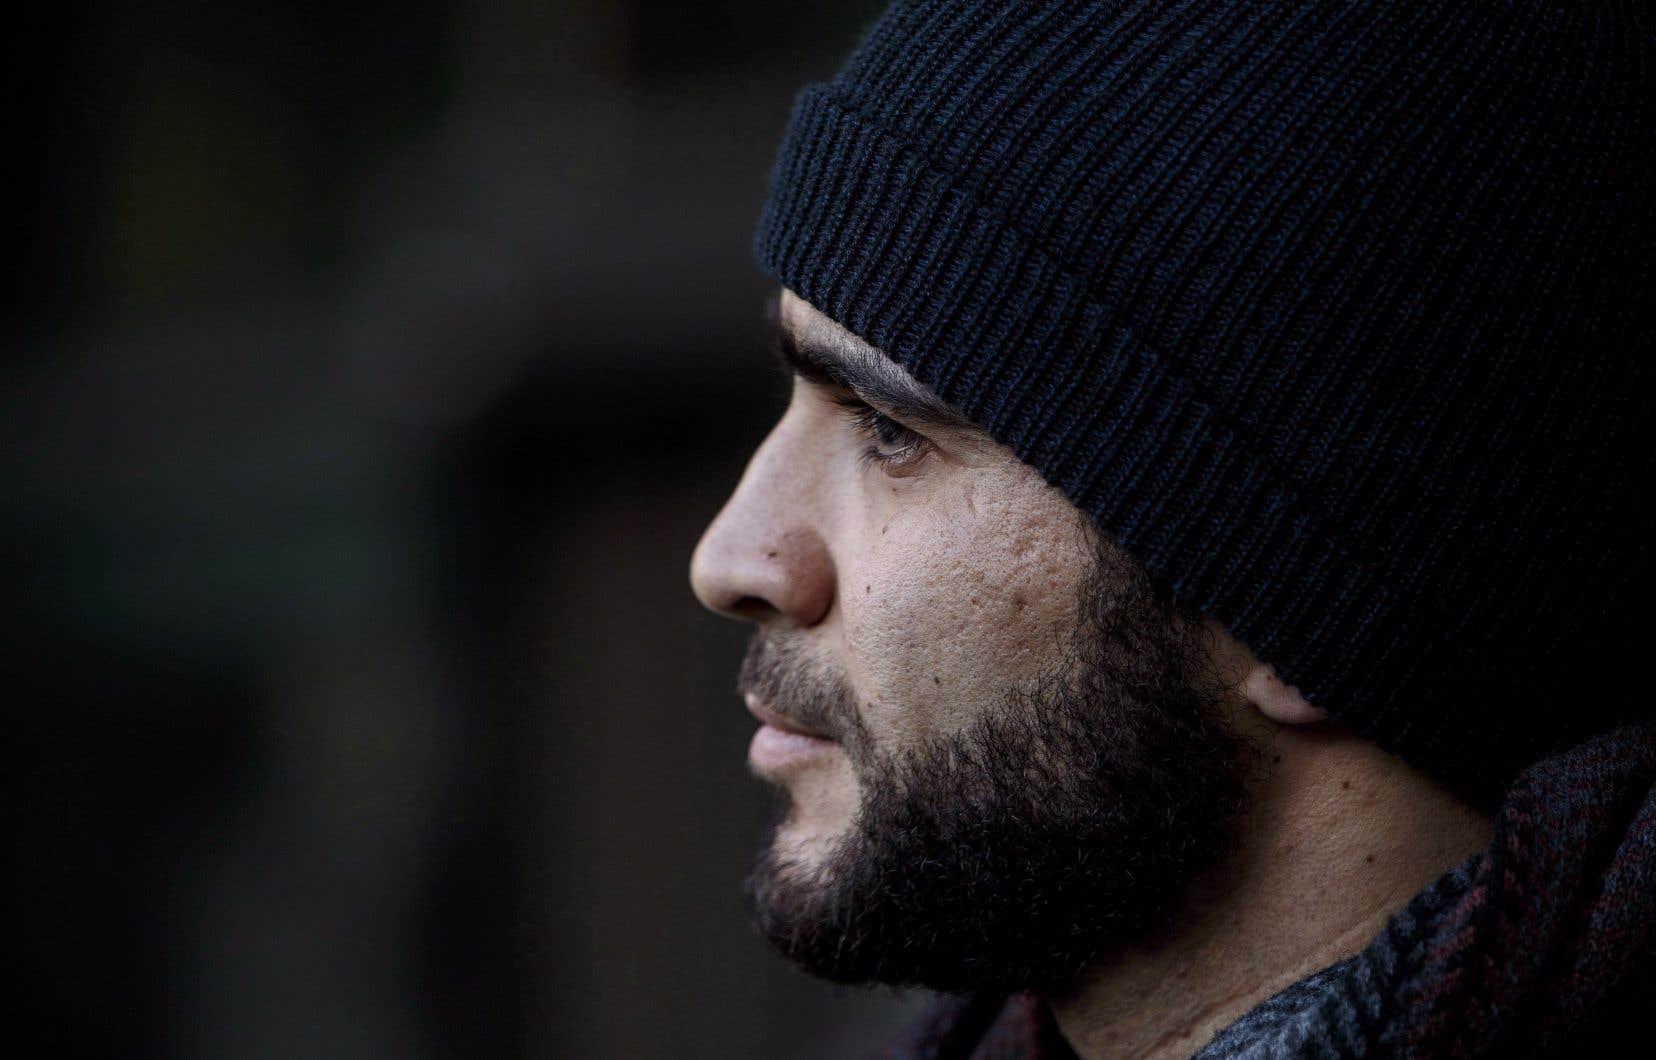 Omar Khadrétait accusé d'avoir lancé la grenade qui a tué le soldat américain Christopher Speer en 2001.